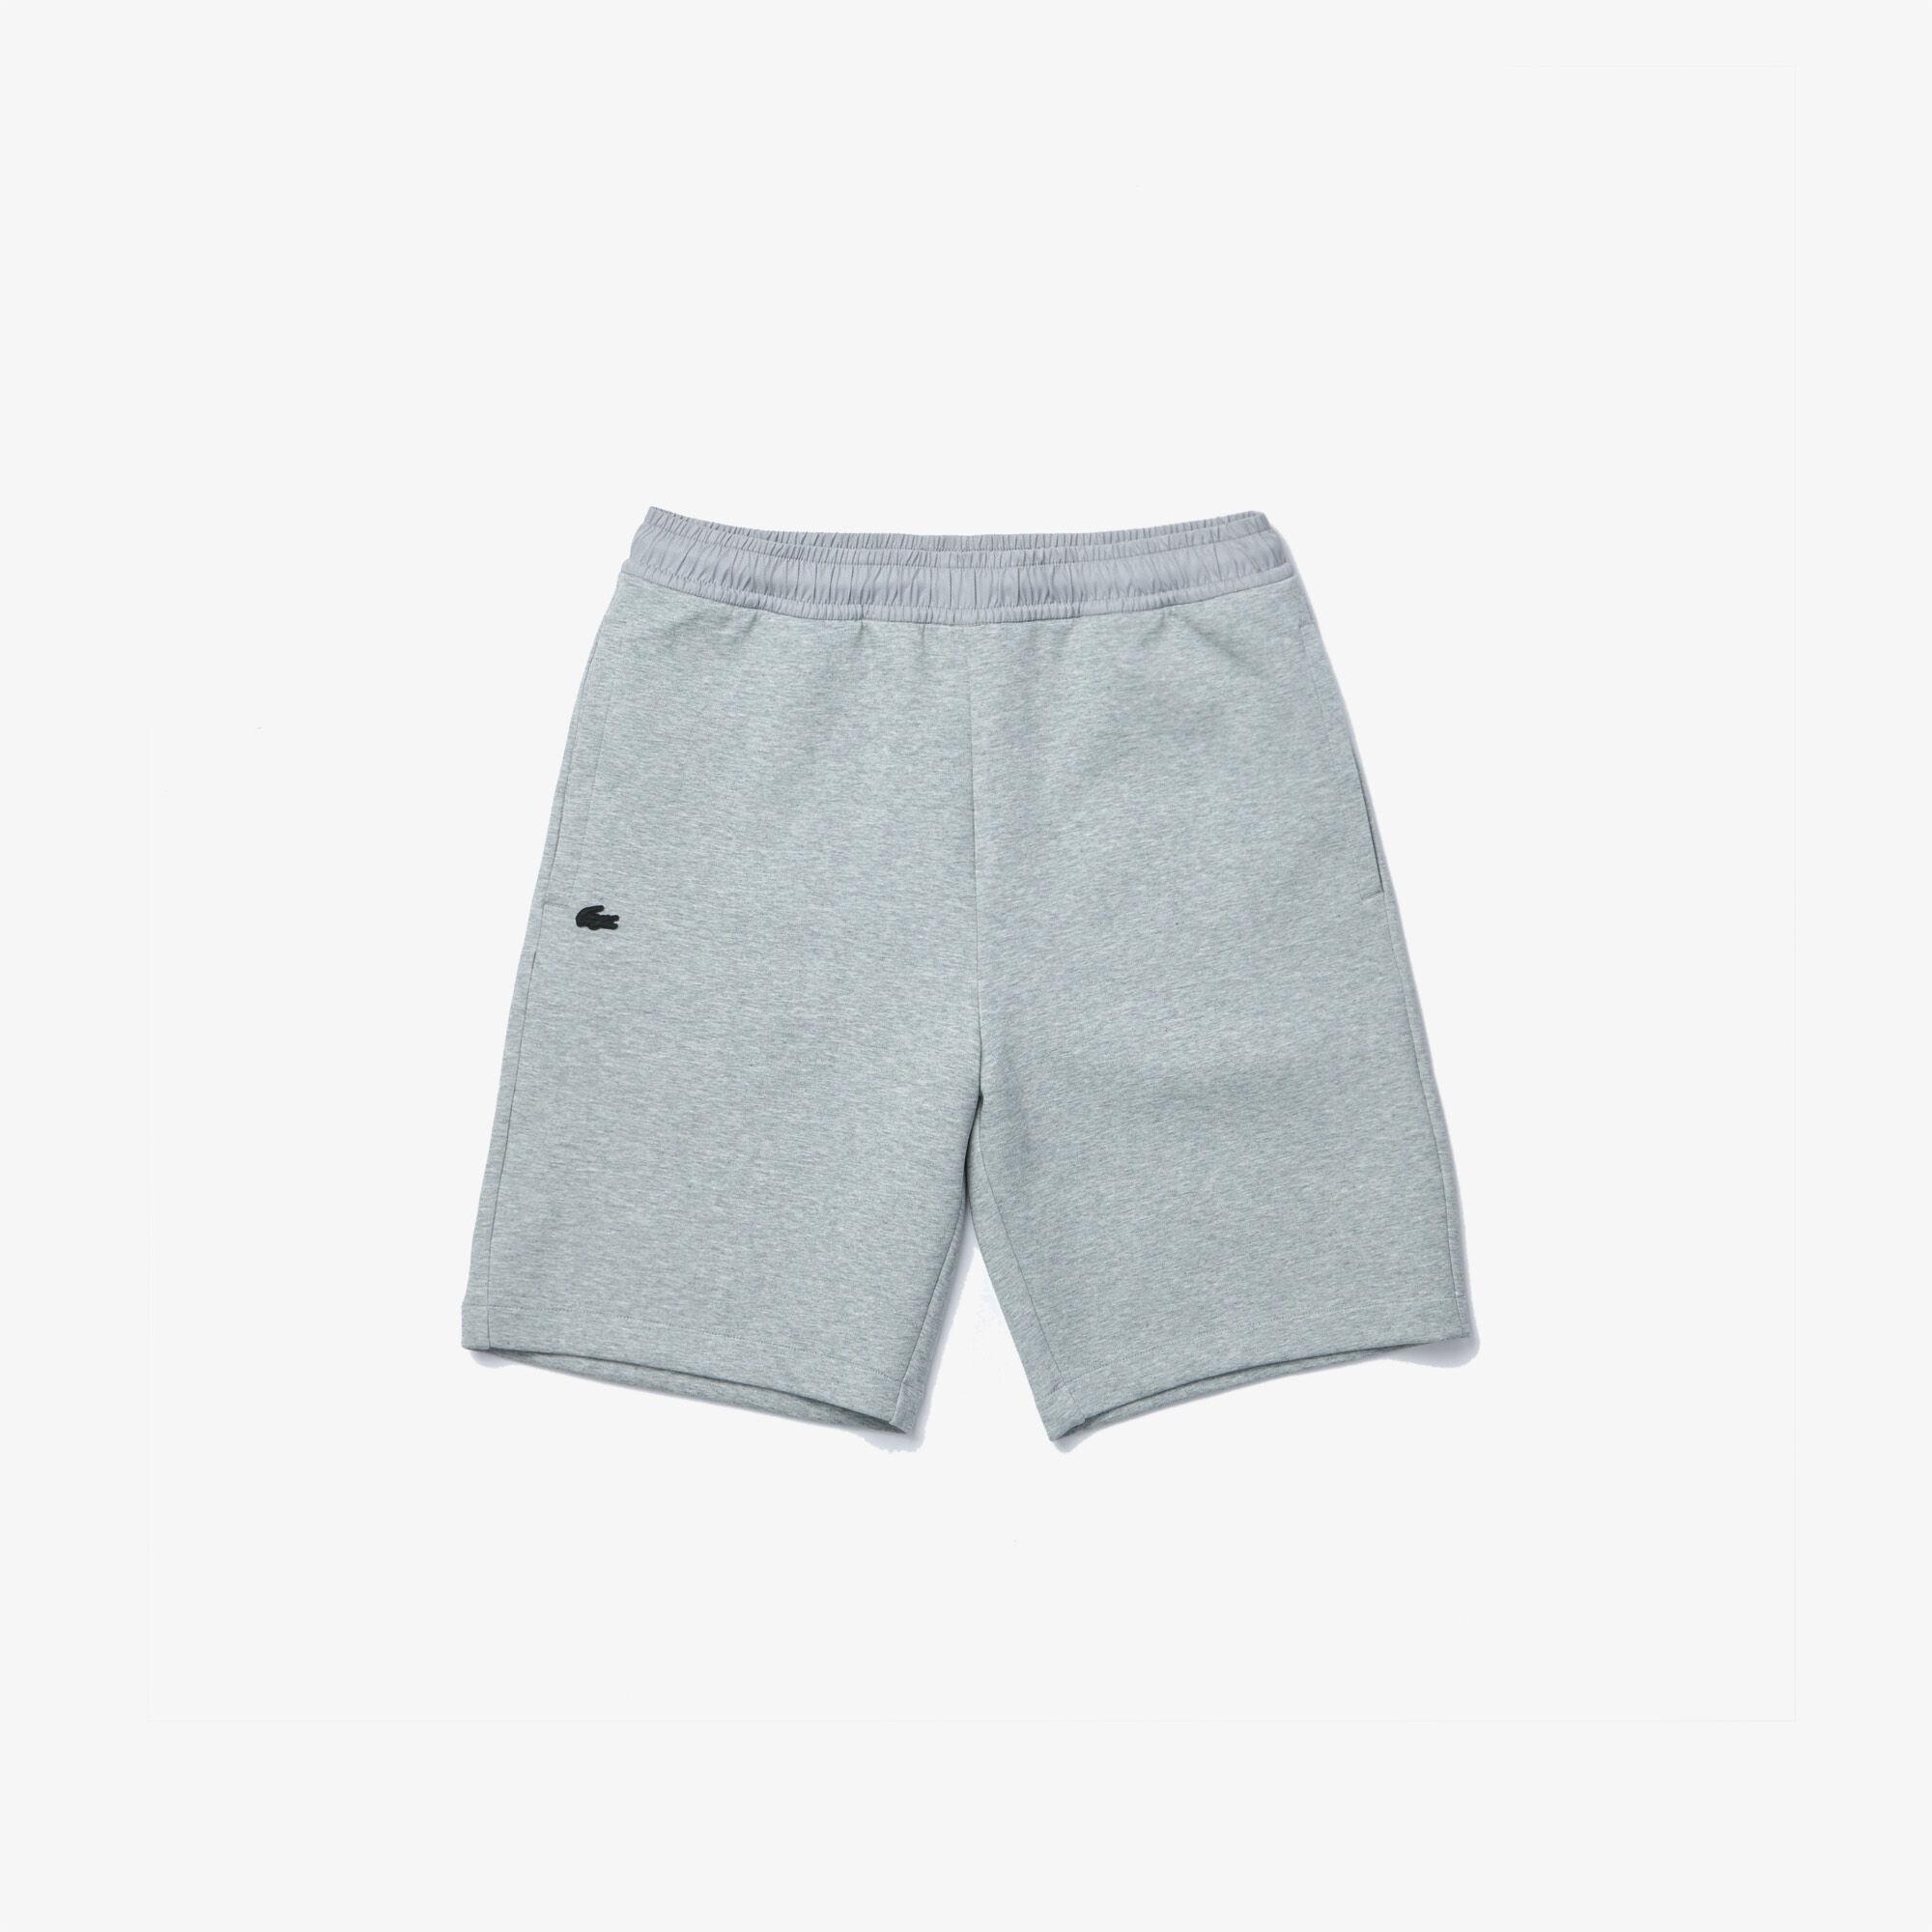 Men's Bimaterial Cotton Blend Shorts